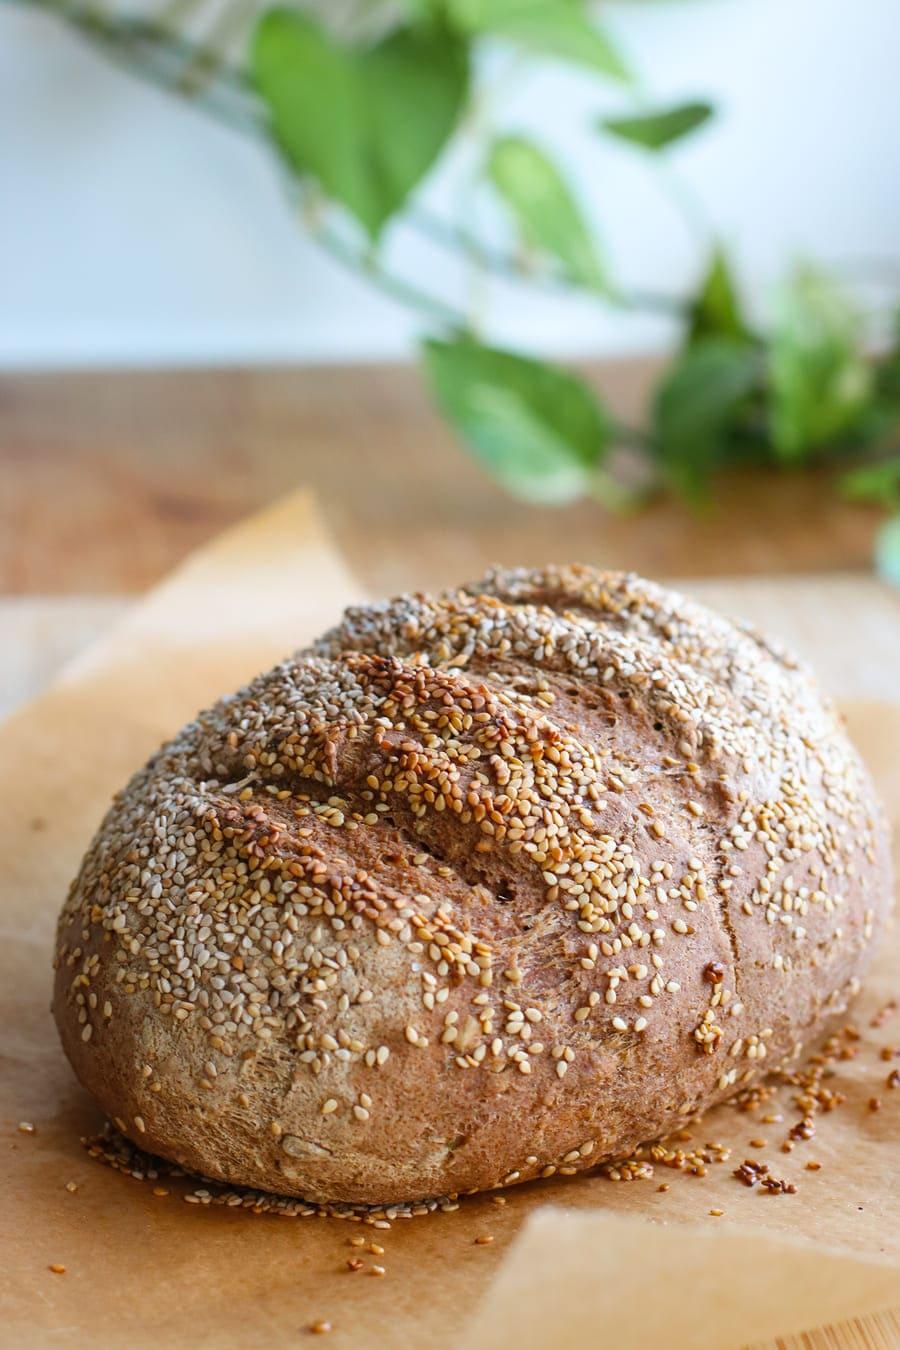 glutenfreies Brot essen